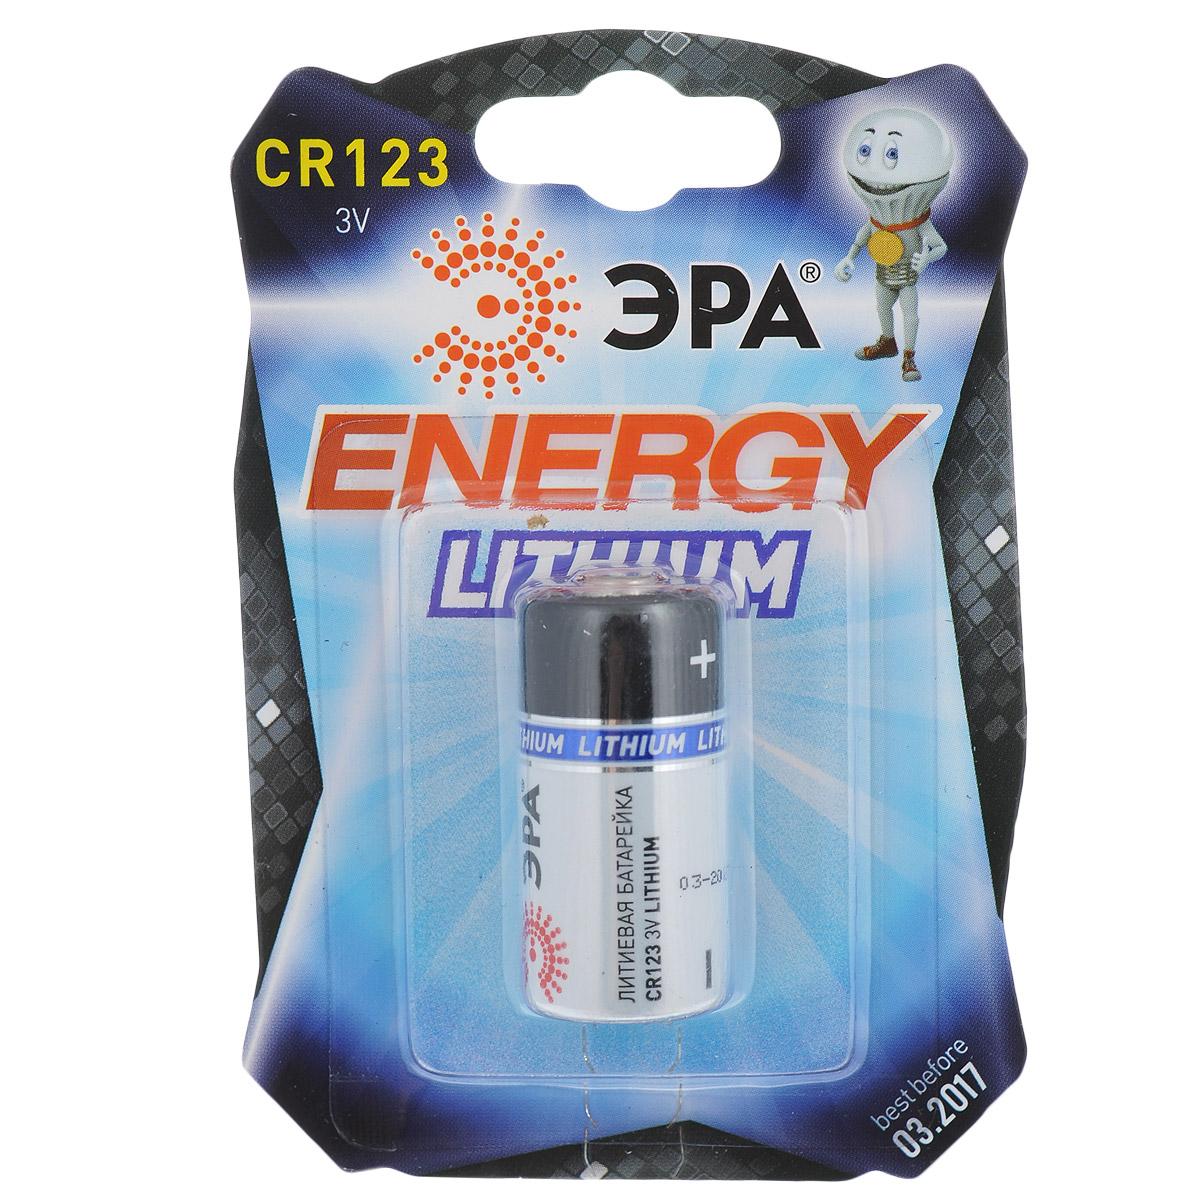 Батарейка литиевая ЭРА Energy, тип CR123 (1BL), 3В5055398612668Литиевые батарейки ЭРА Energy оптимально подходят для повседневного питания множества современных бытовых приборов: электронных игрушек, фонарей, беспроводной компьютерной периферии и многого другого. Батарейки созданы для устройств с высоким потреблением энергии. Работают в 10 раз дольше, чем обычные солевые элементы питания. Размер батарейки: 1,6 см х 3,3 см.